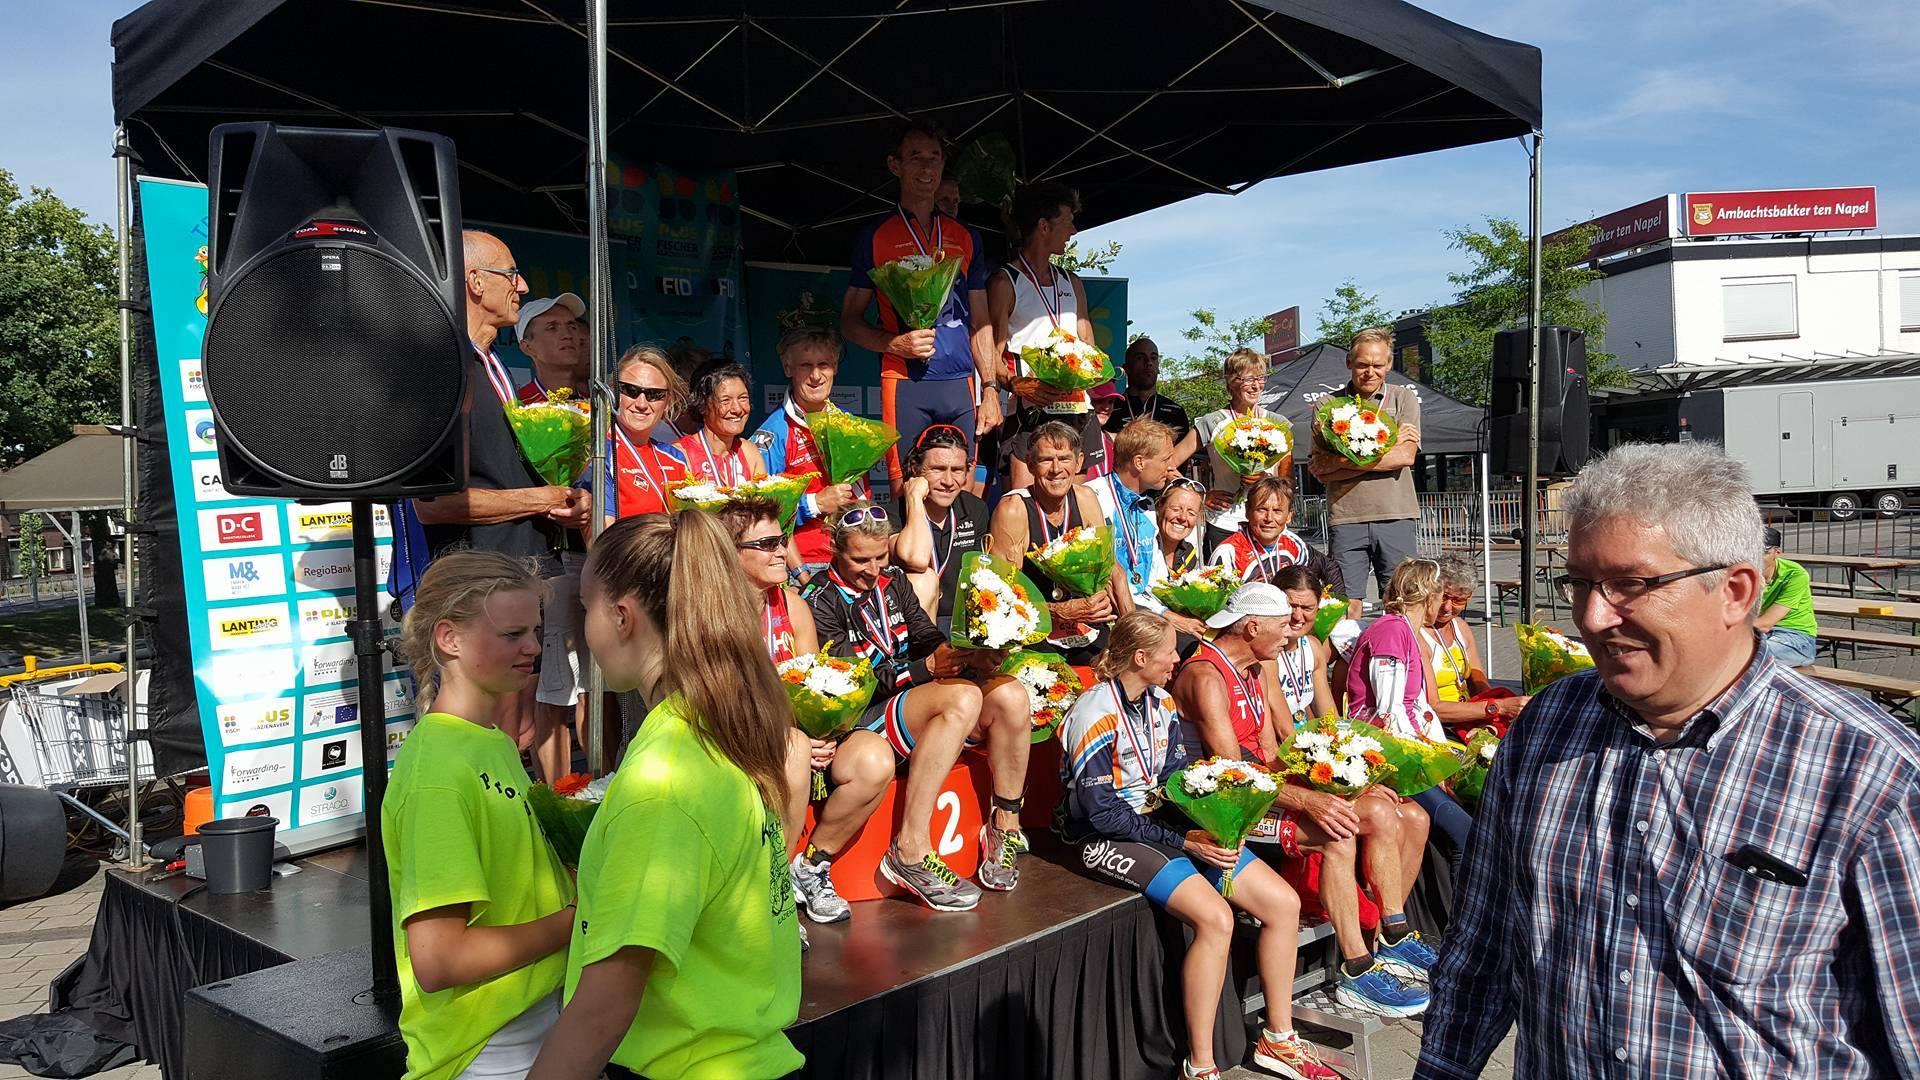 kampioenen Klazienaveen 2016